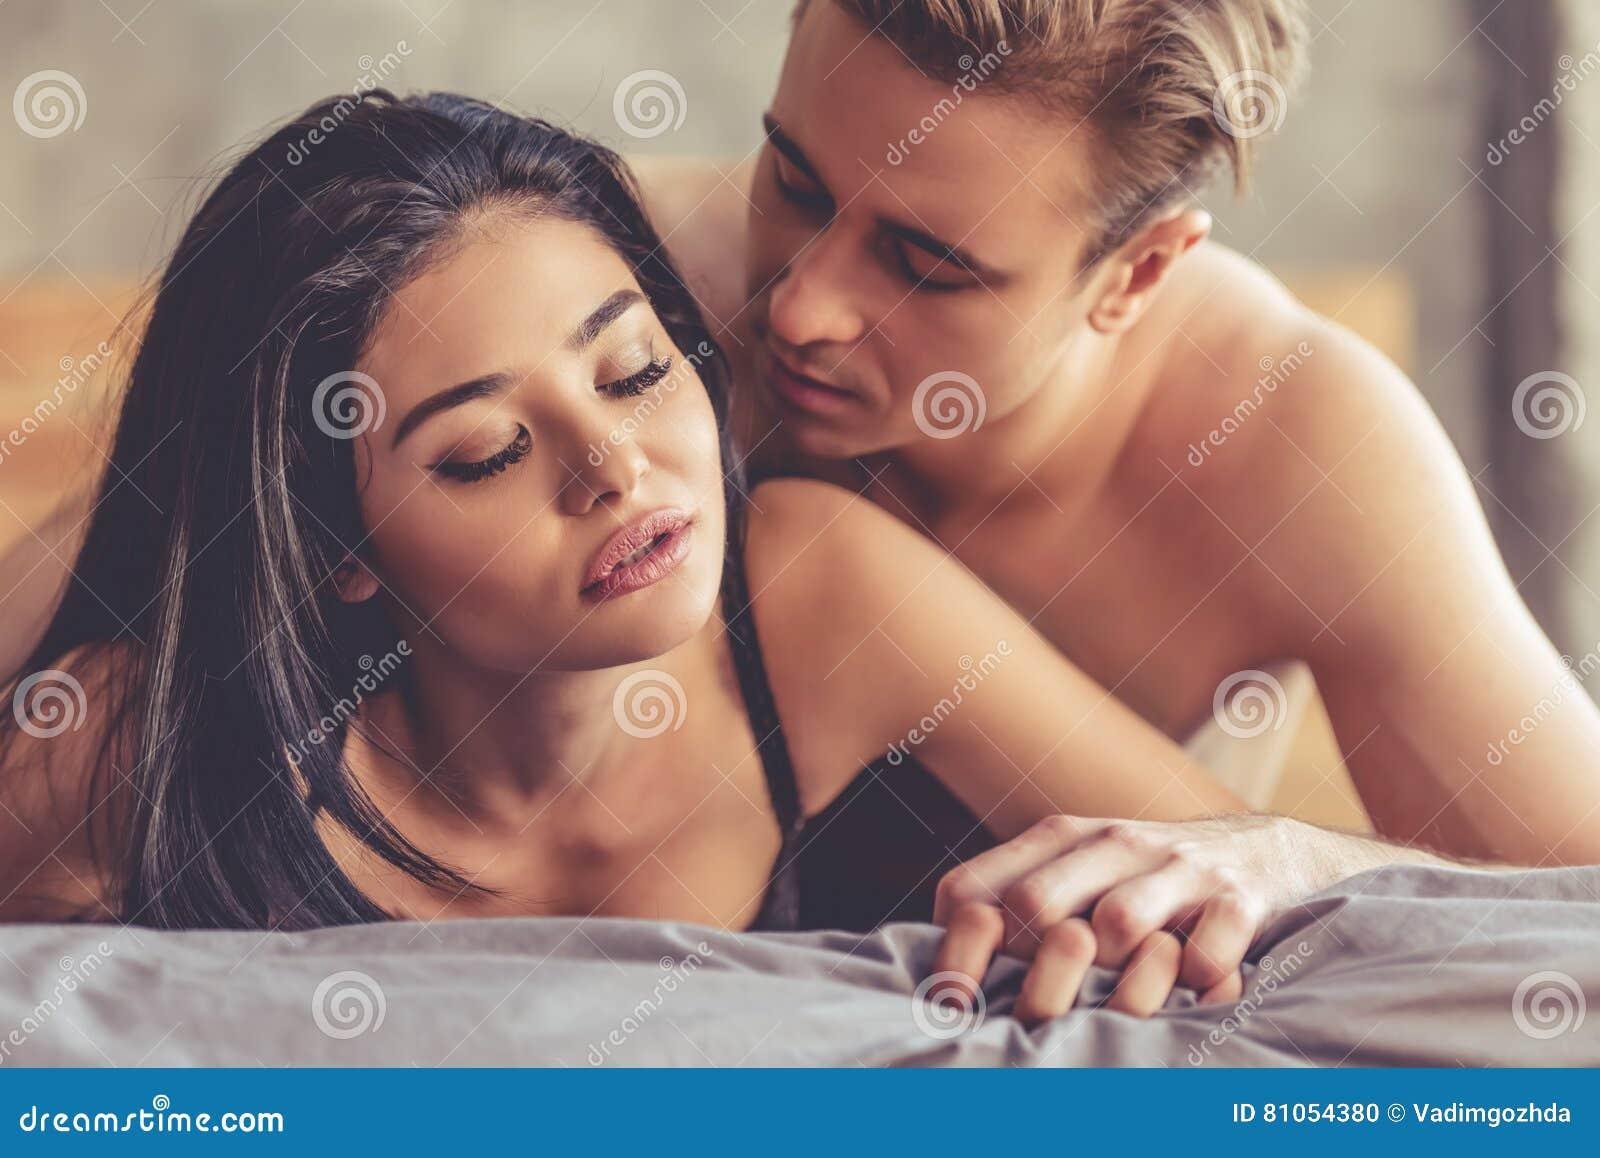 Paare sex für Kostenlose Pornos